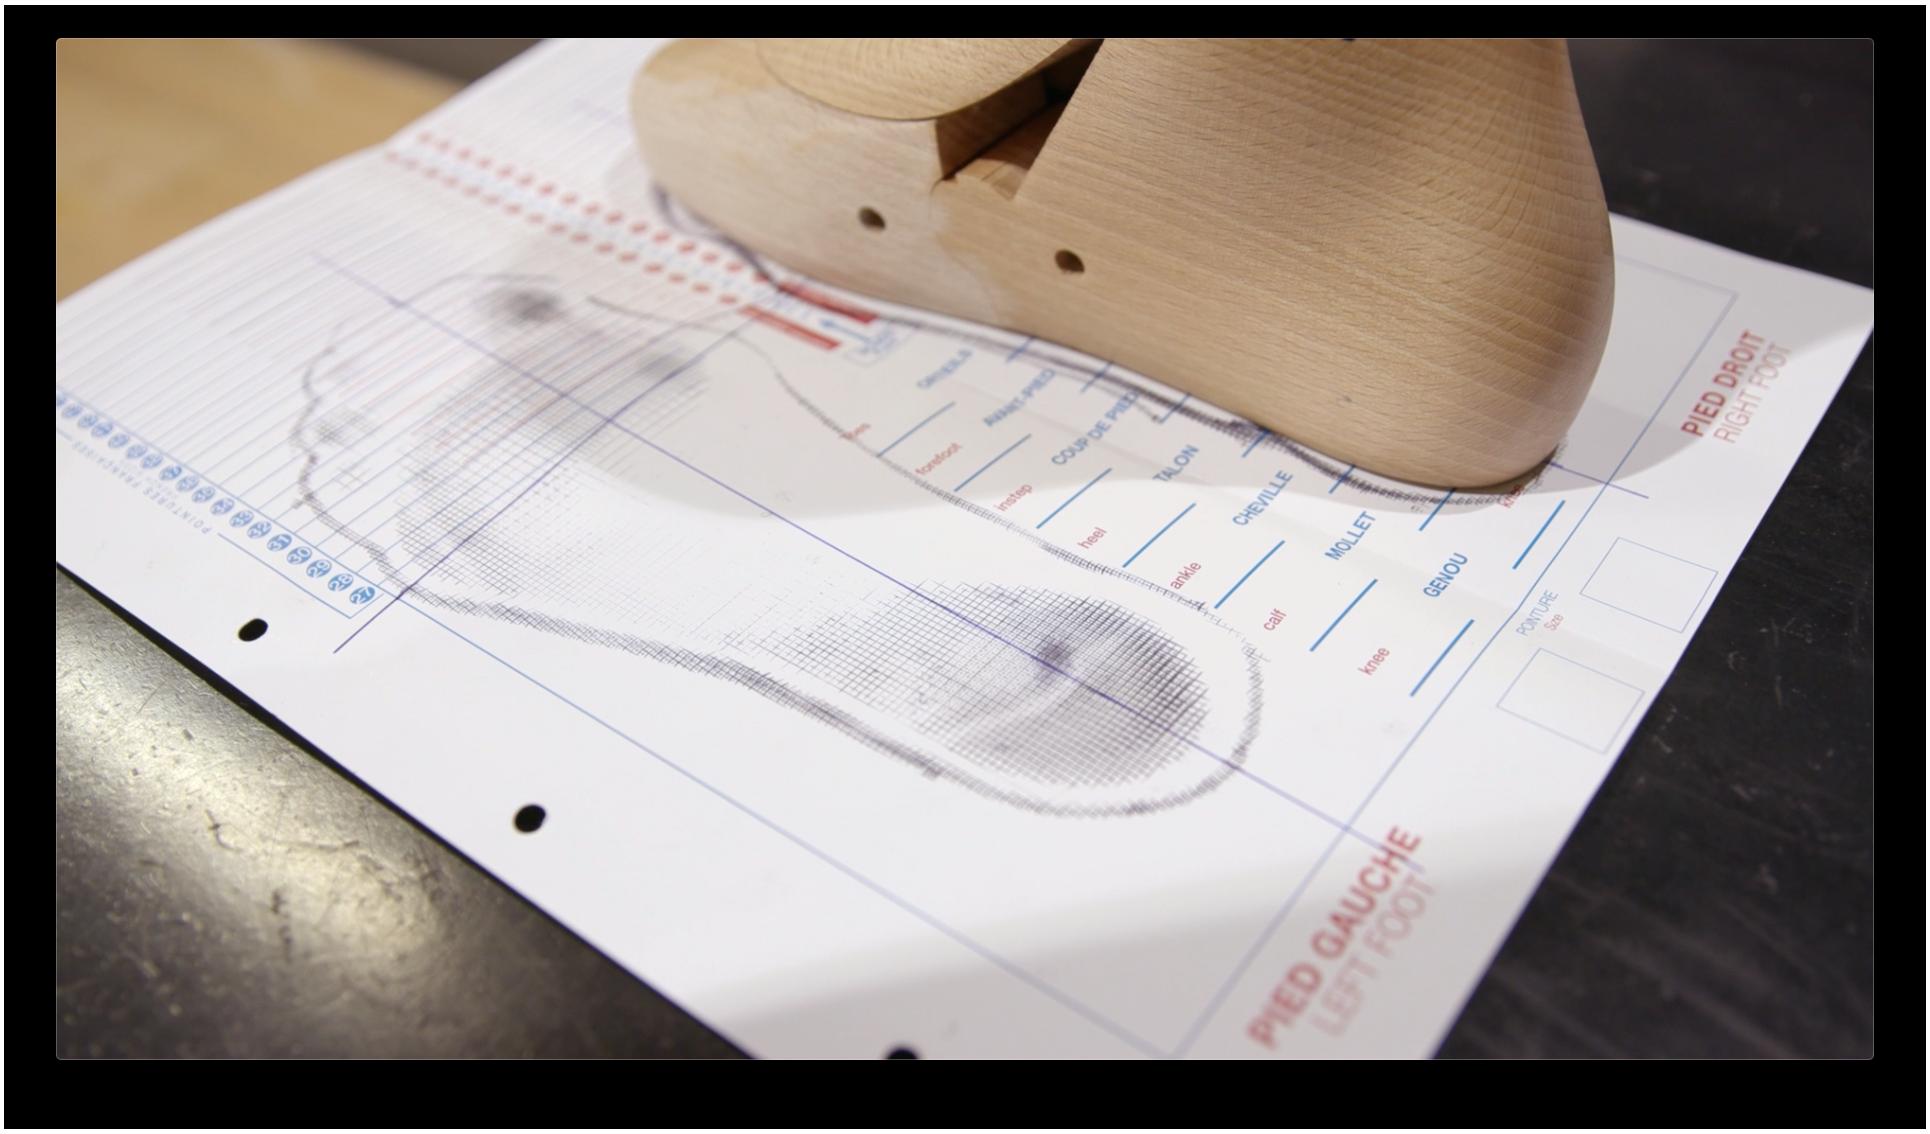 Fußabdruck und Maße sind auf das Blaupapier übertragen